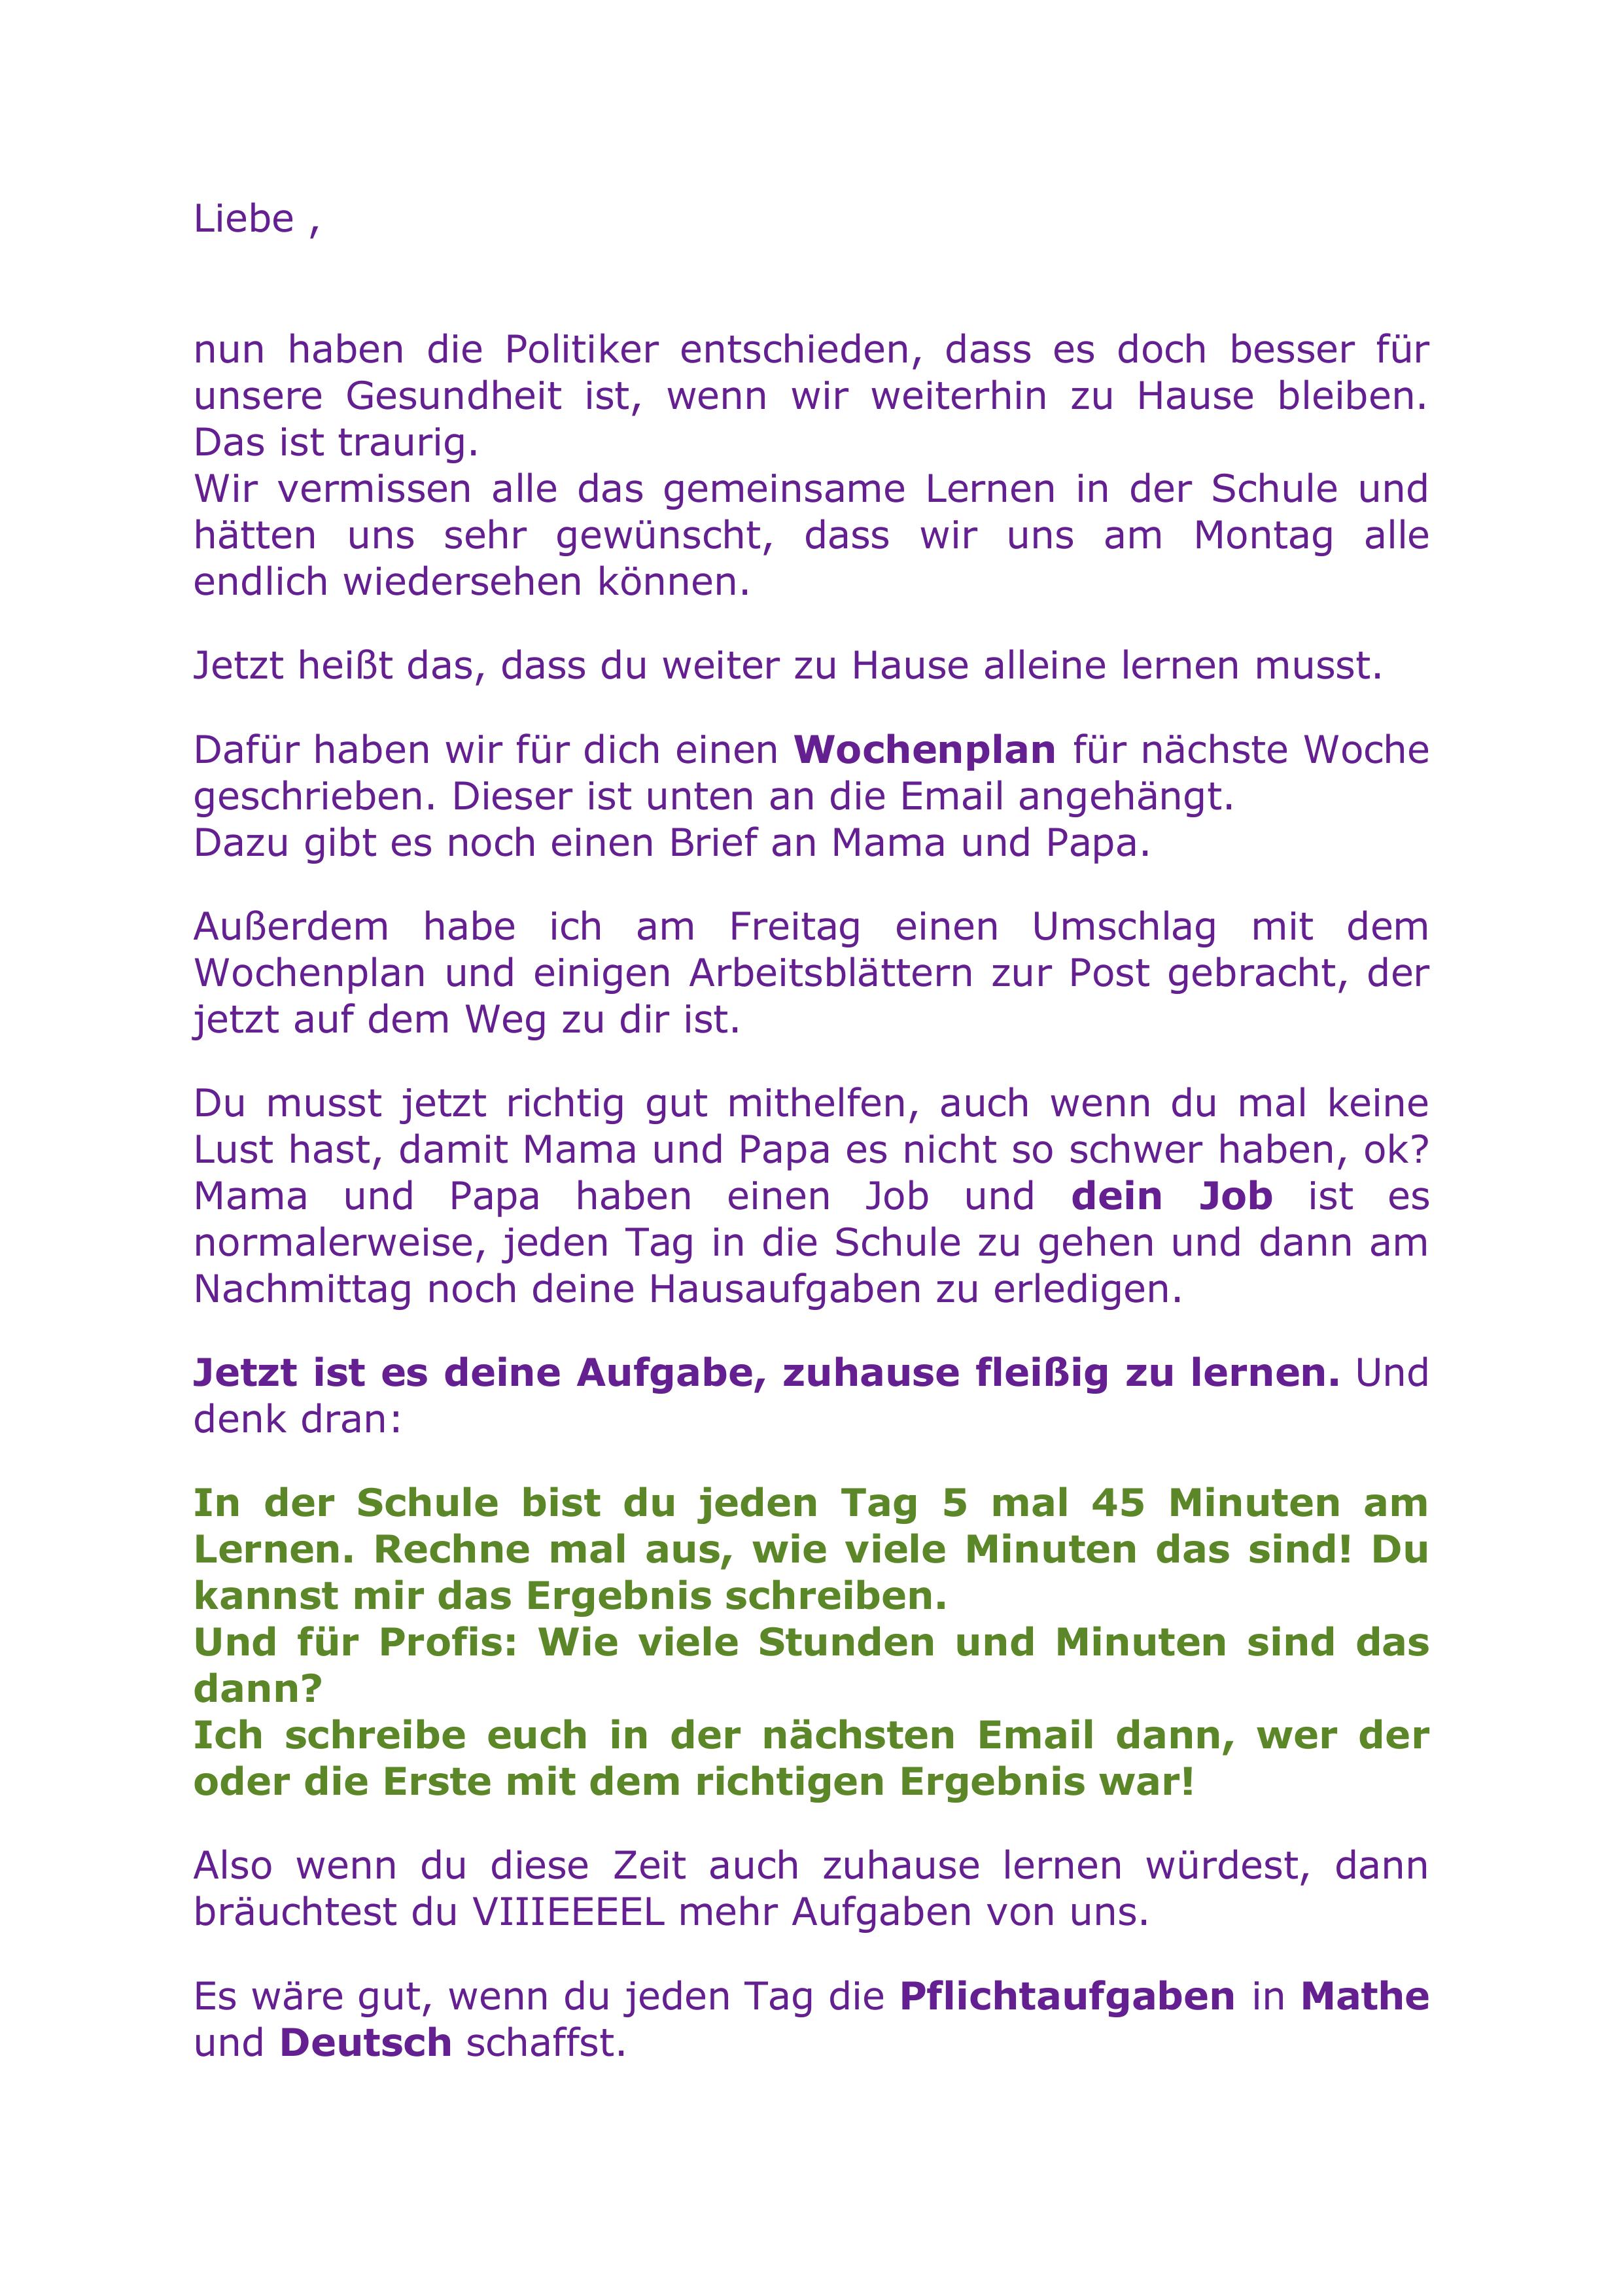 Brief Schuler Homeschooling Ab 20042020 Gs Edit Unterrichtsmaterial Im Fach Fachubergreifendes Lehrer Briefe Zeugnis Schreiben Zeugnis